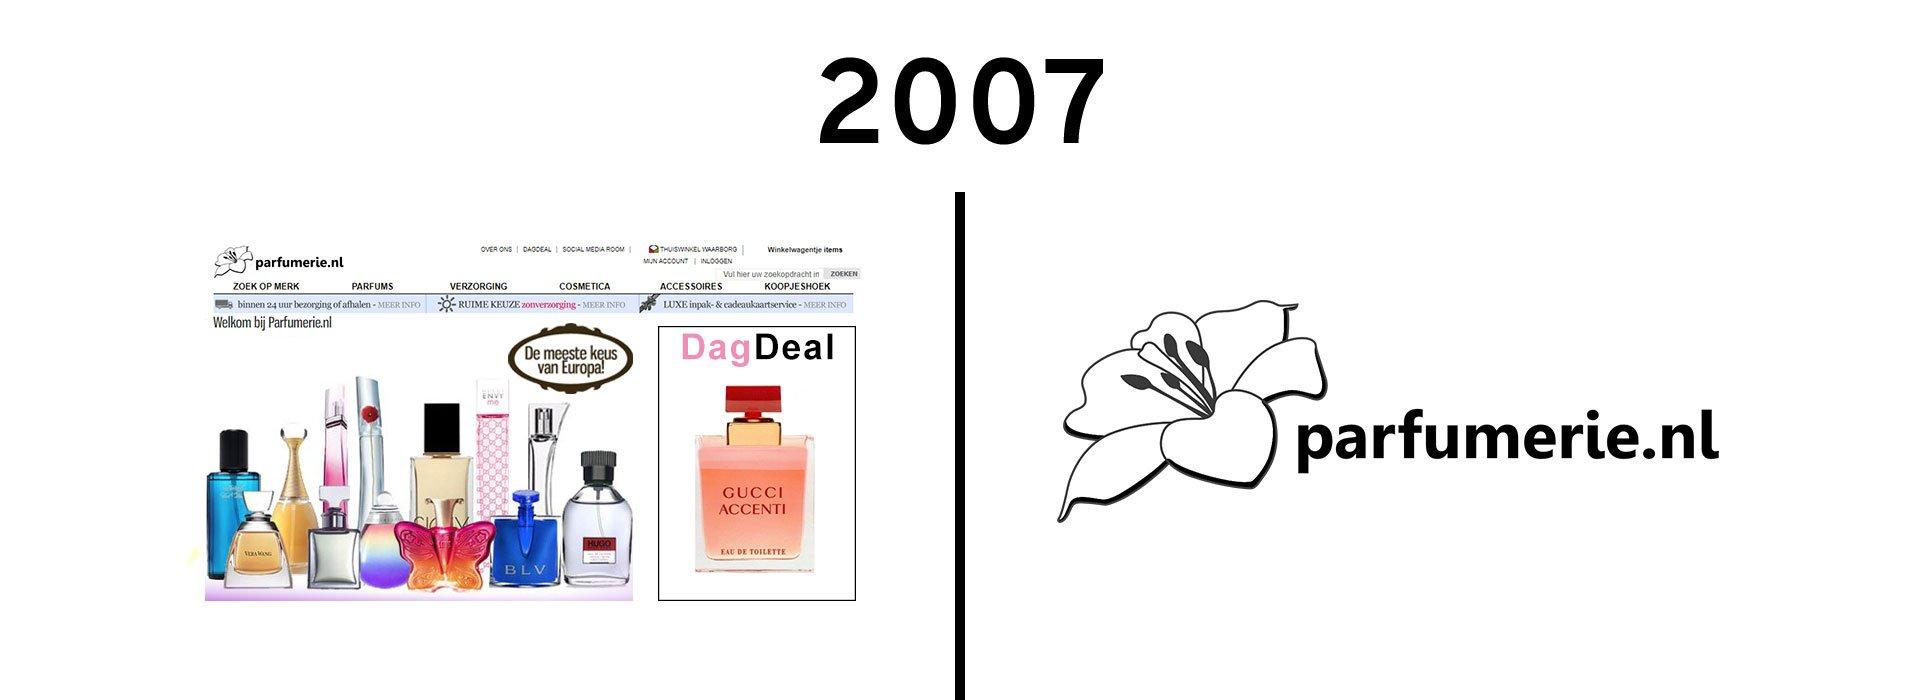 2007 een nieuw tijdperk met een nieuwe naam!